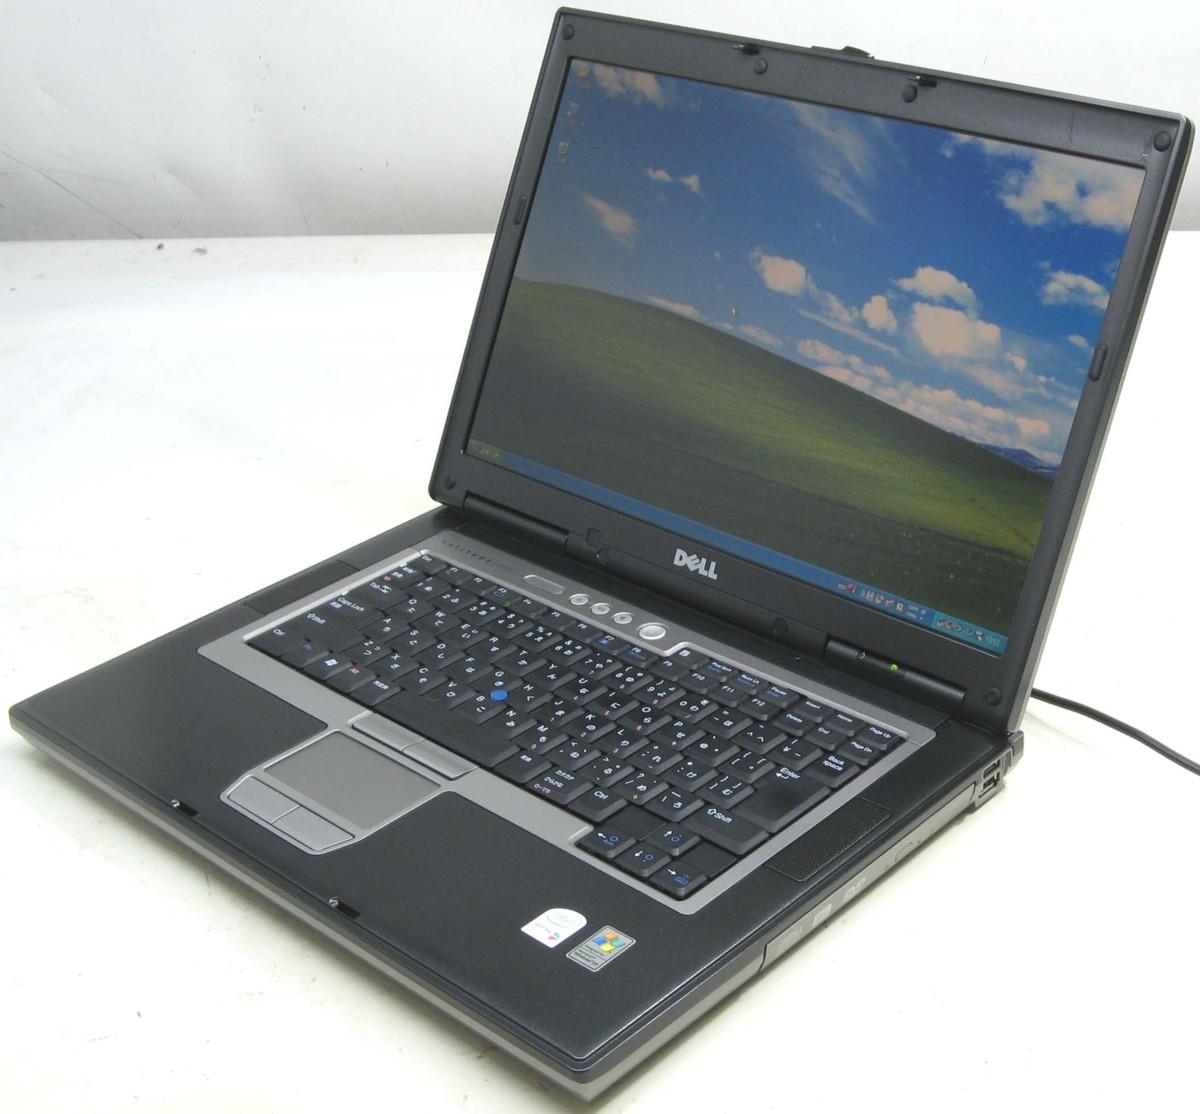 中古ノートパソコン D820-1660WX(デル DELL Latitude WindowsXP D820-1660WX(デル WindowsXP Latitude 15.4インチ IEEE1394)【中古】【中古パソコン/中古PC】, giraffe:9cebad15 --- officewill.xsrv.jp